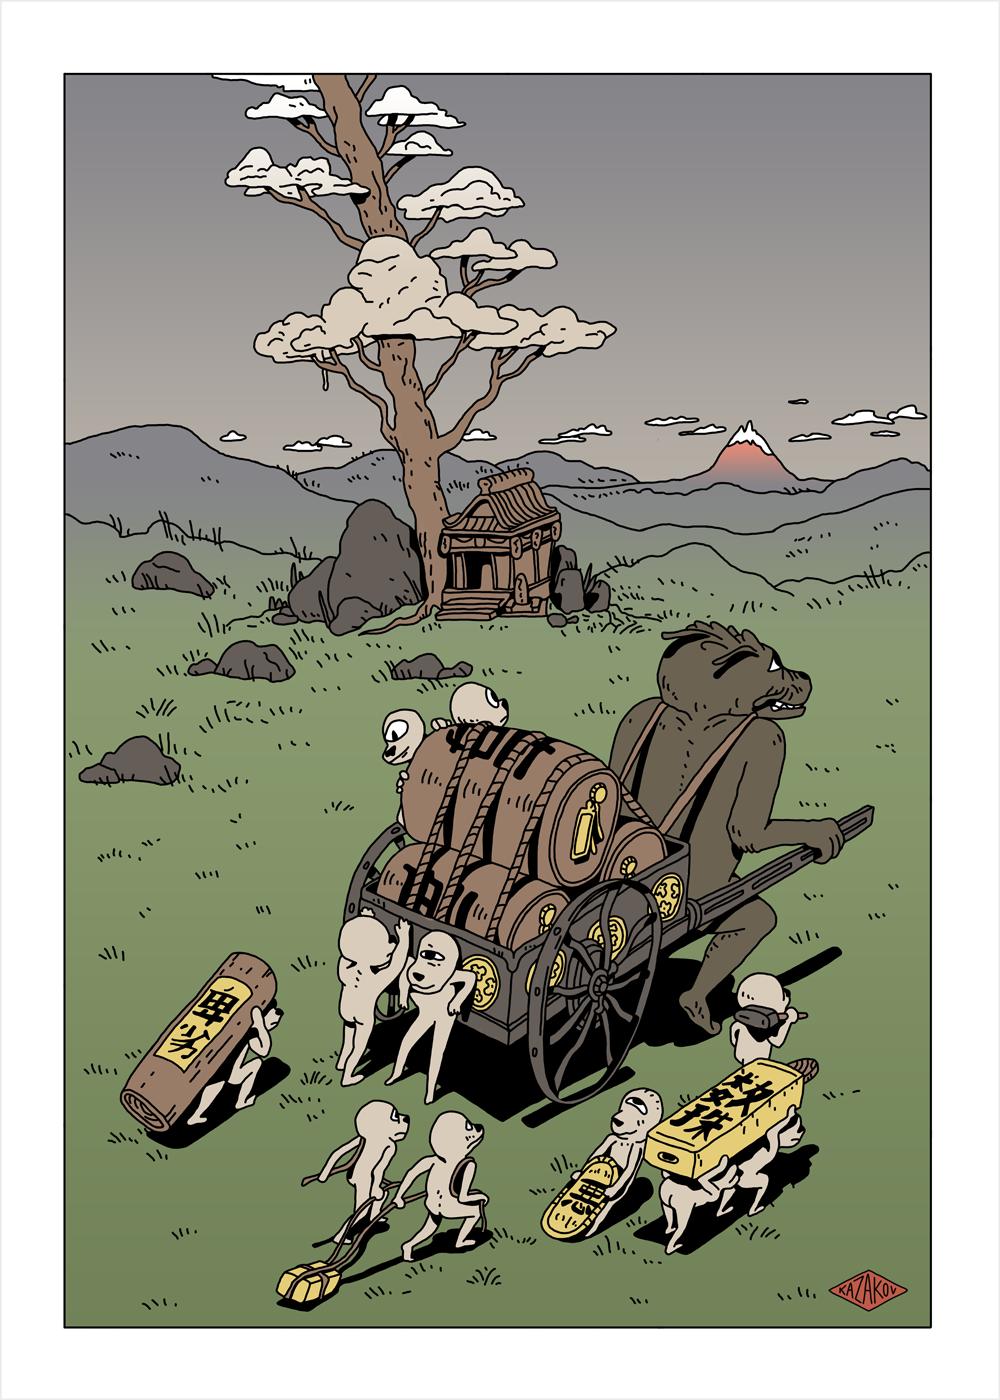 畅游日本后的想象,日式妖魔鬼怪插画设计